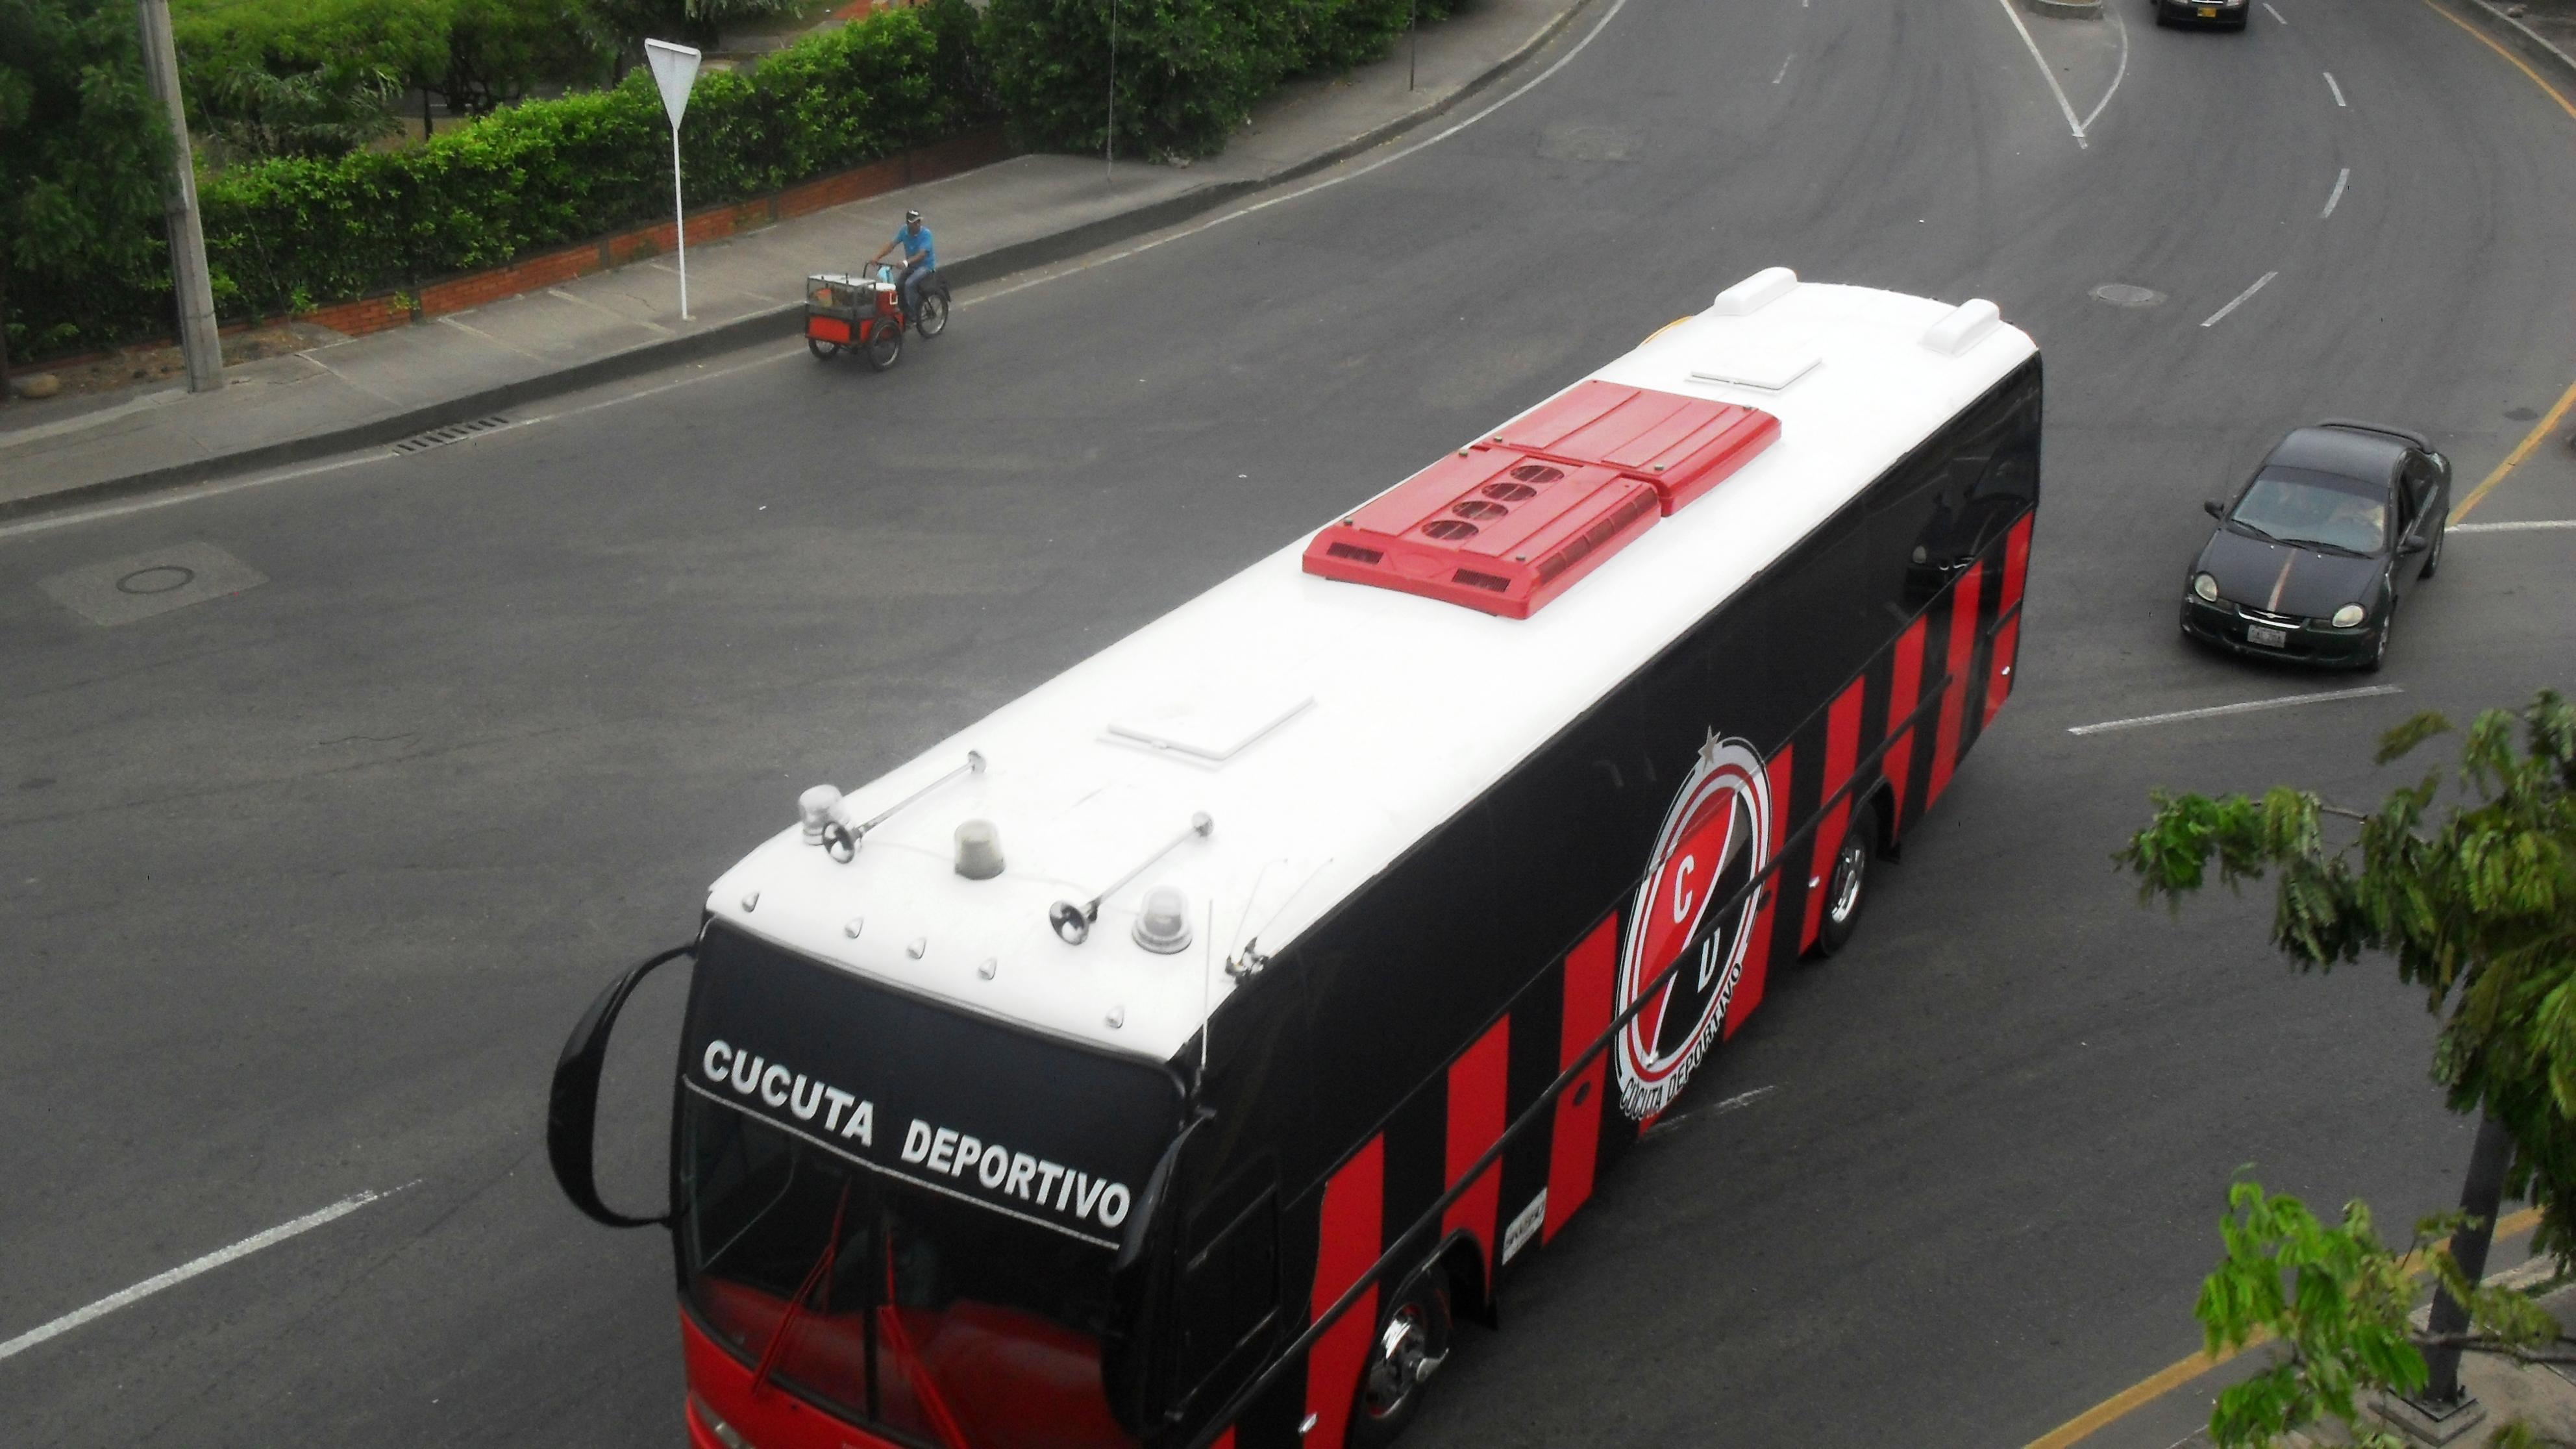 Archivo Autobus Cucuta Deportivo Jpg Wikipedia La Enciclopedia Libre